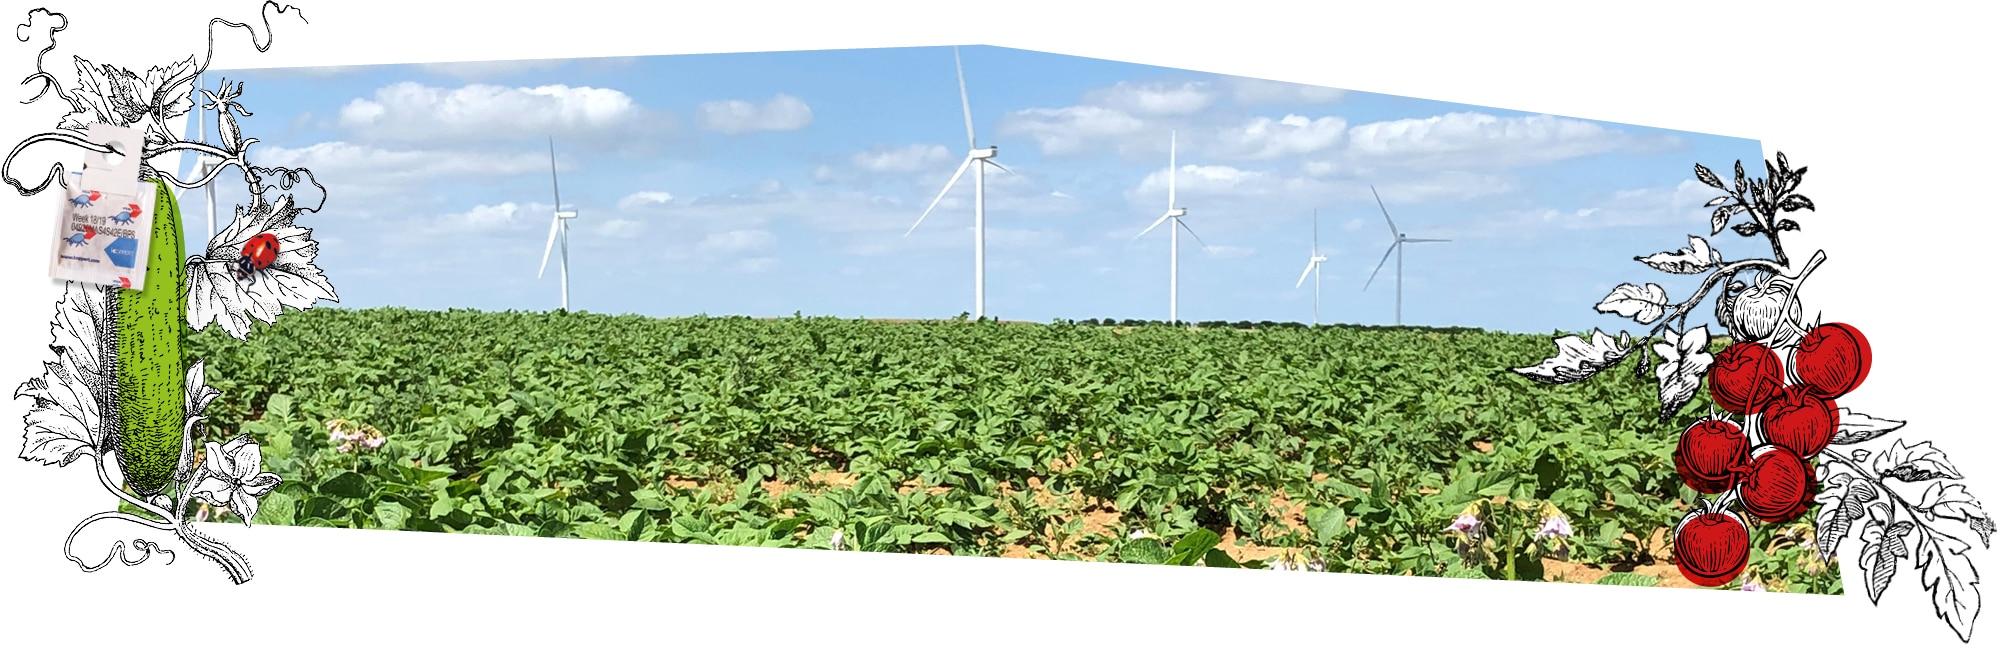 Champ de pommes-de-terre avec des éoliennes en arrière-plan : Kultive trouve les moyens pour produire mieux que bien